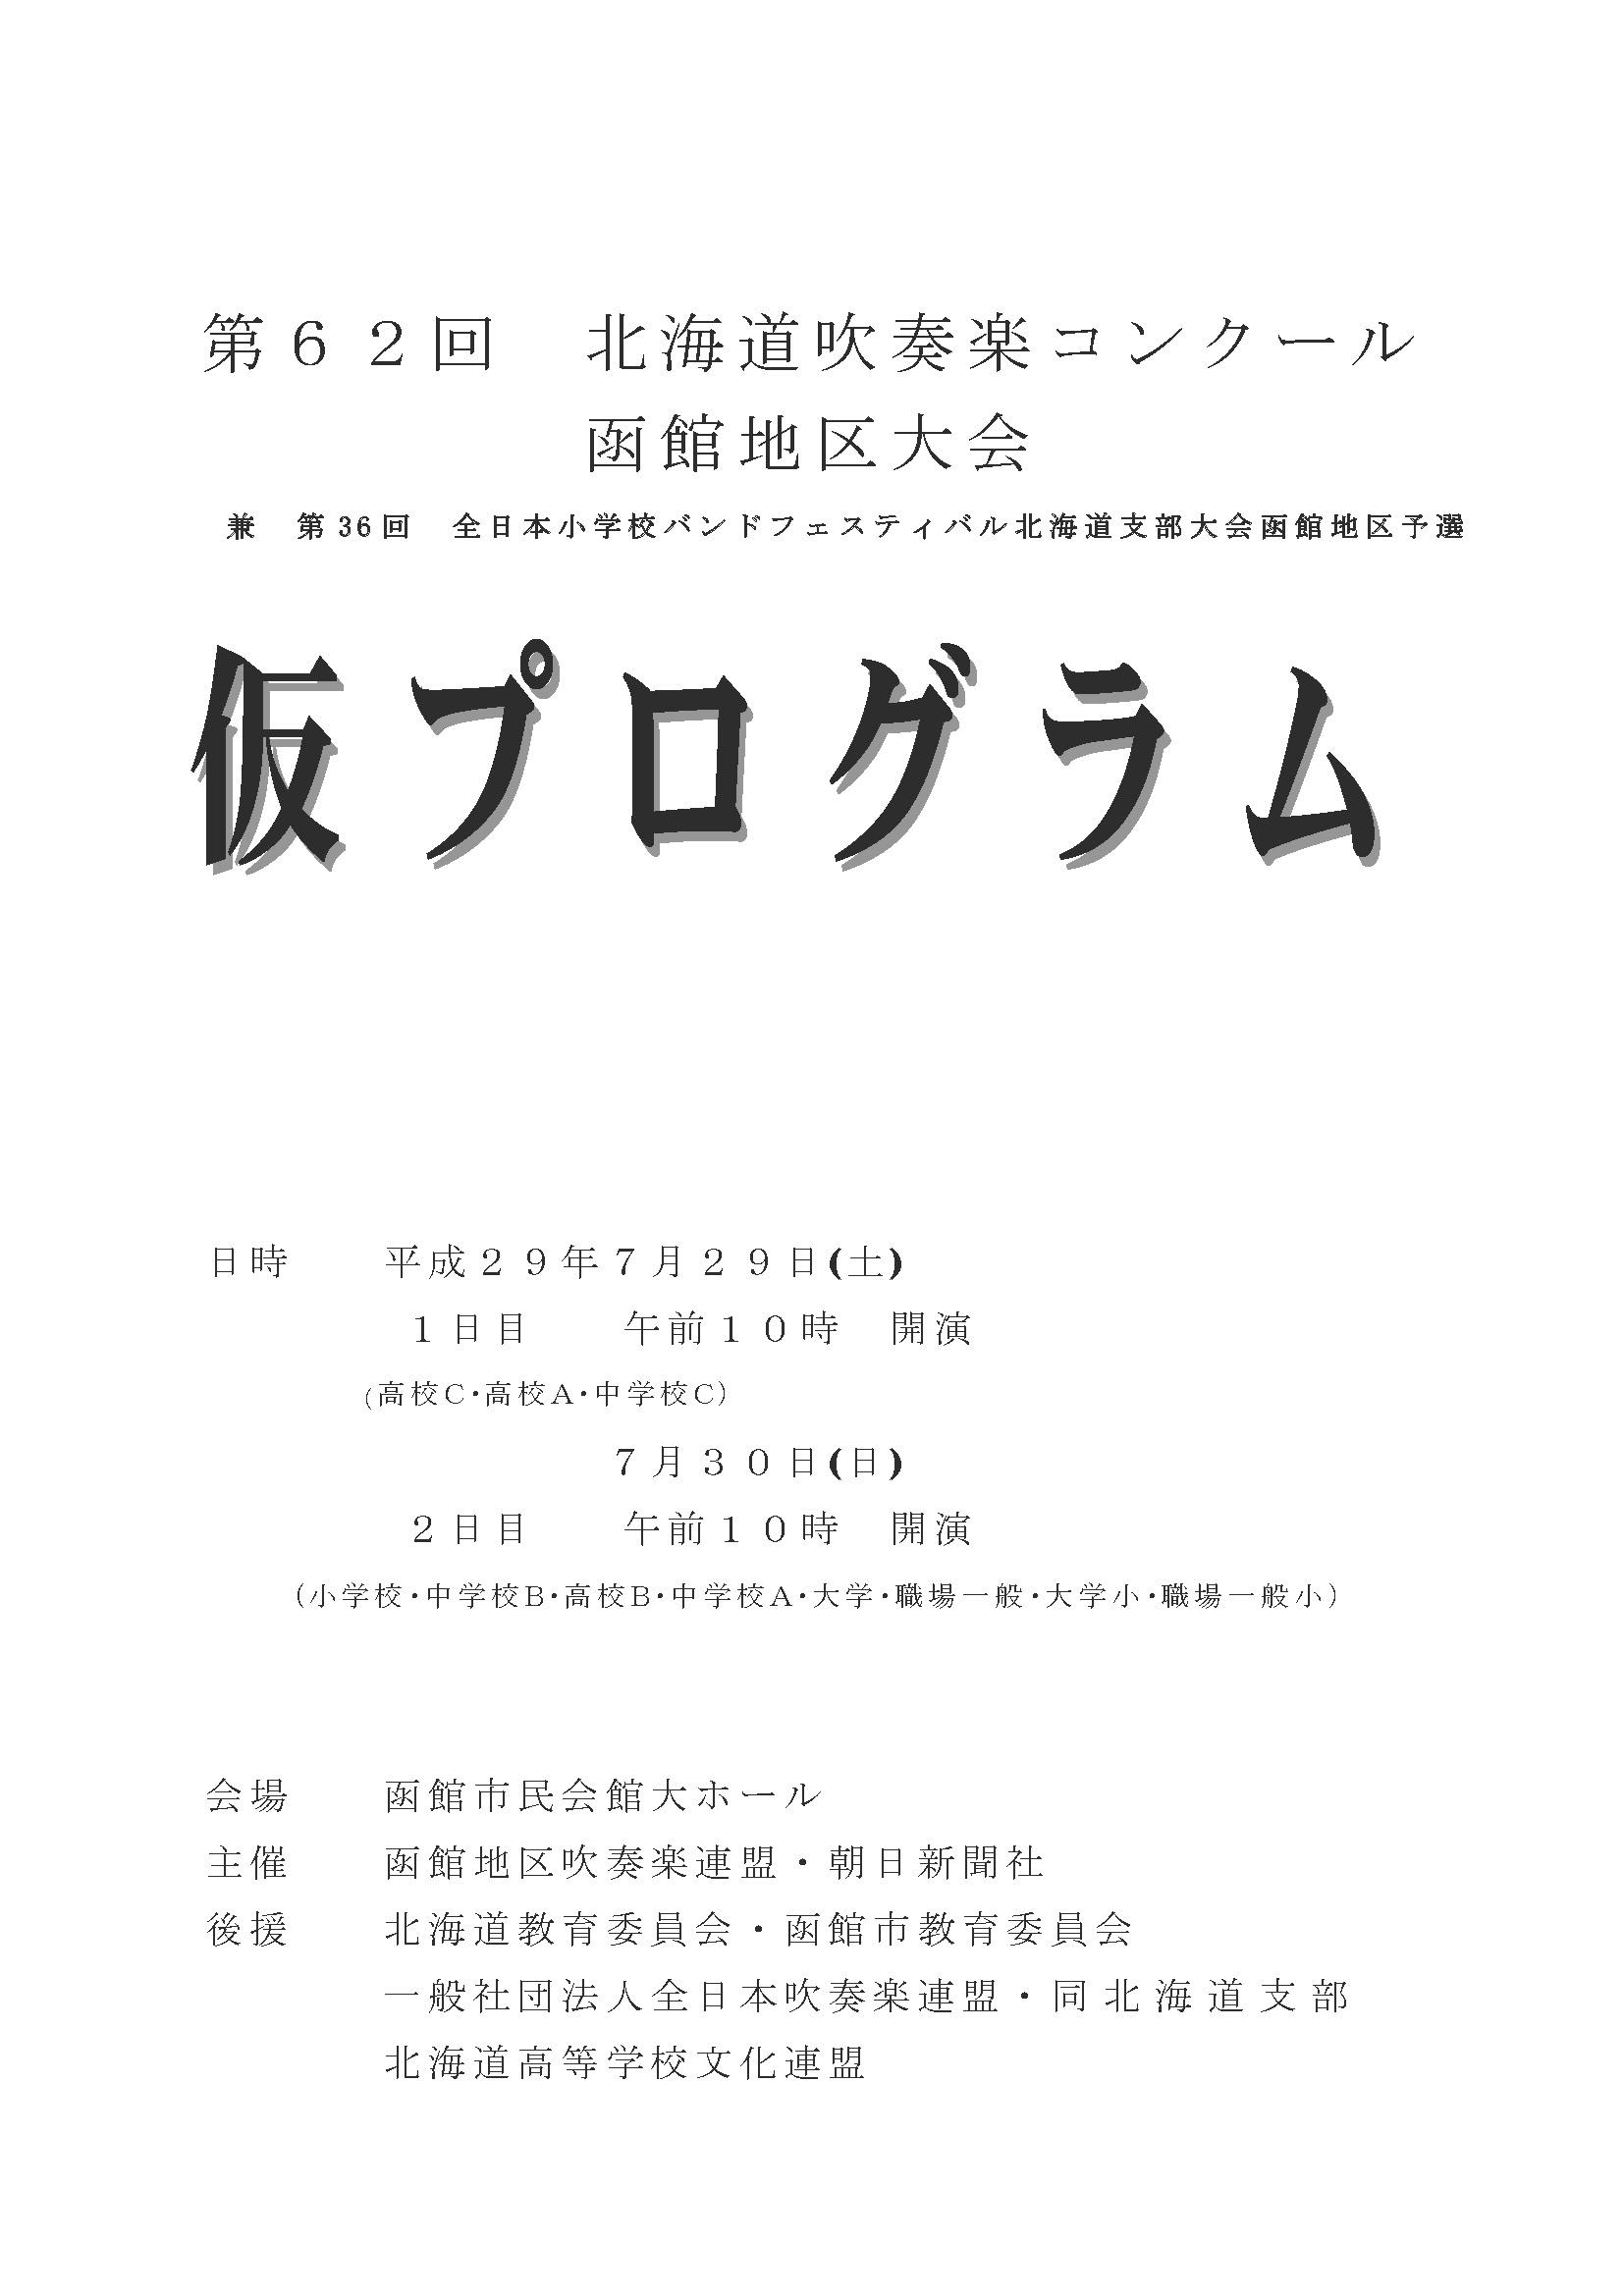 函館地区コンクール仮プログラム_ページ_1